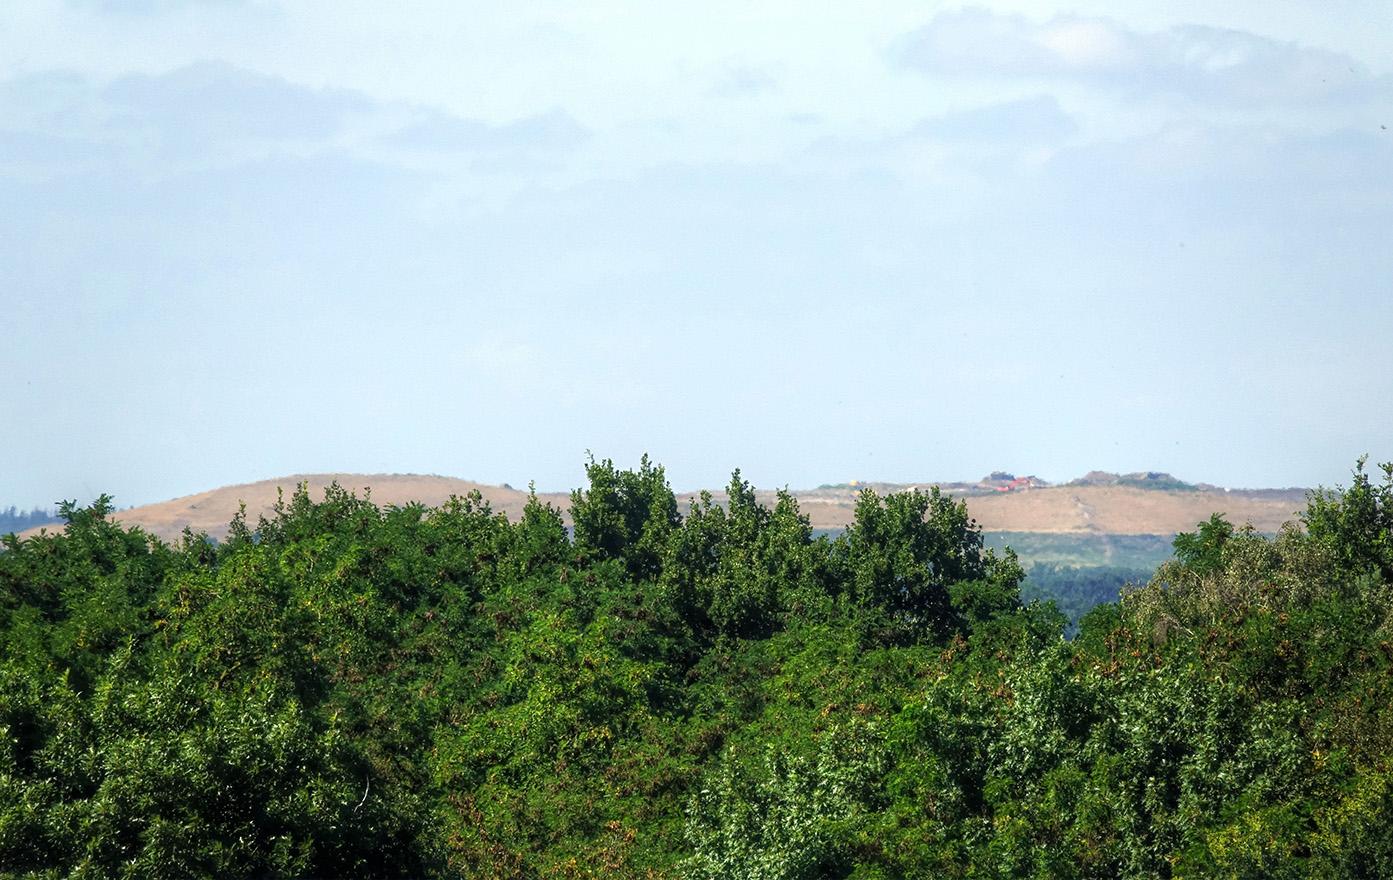 Zag ik een grote gele zandhoop boven de bomen uitsteken - Foto: ©Jan van Uffelen